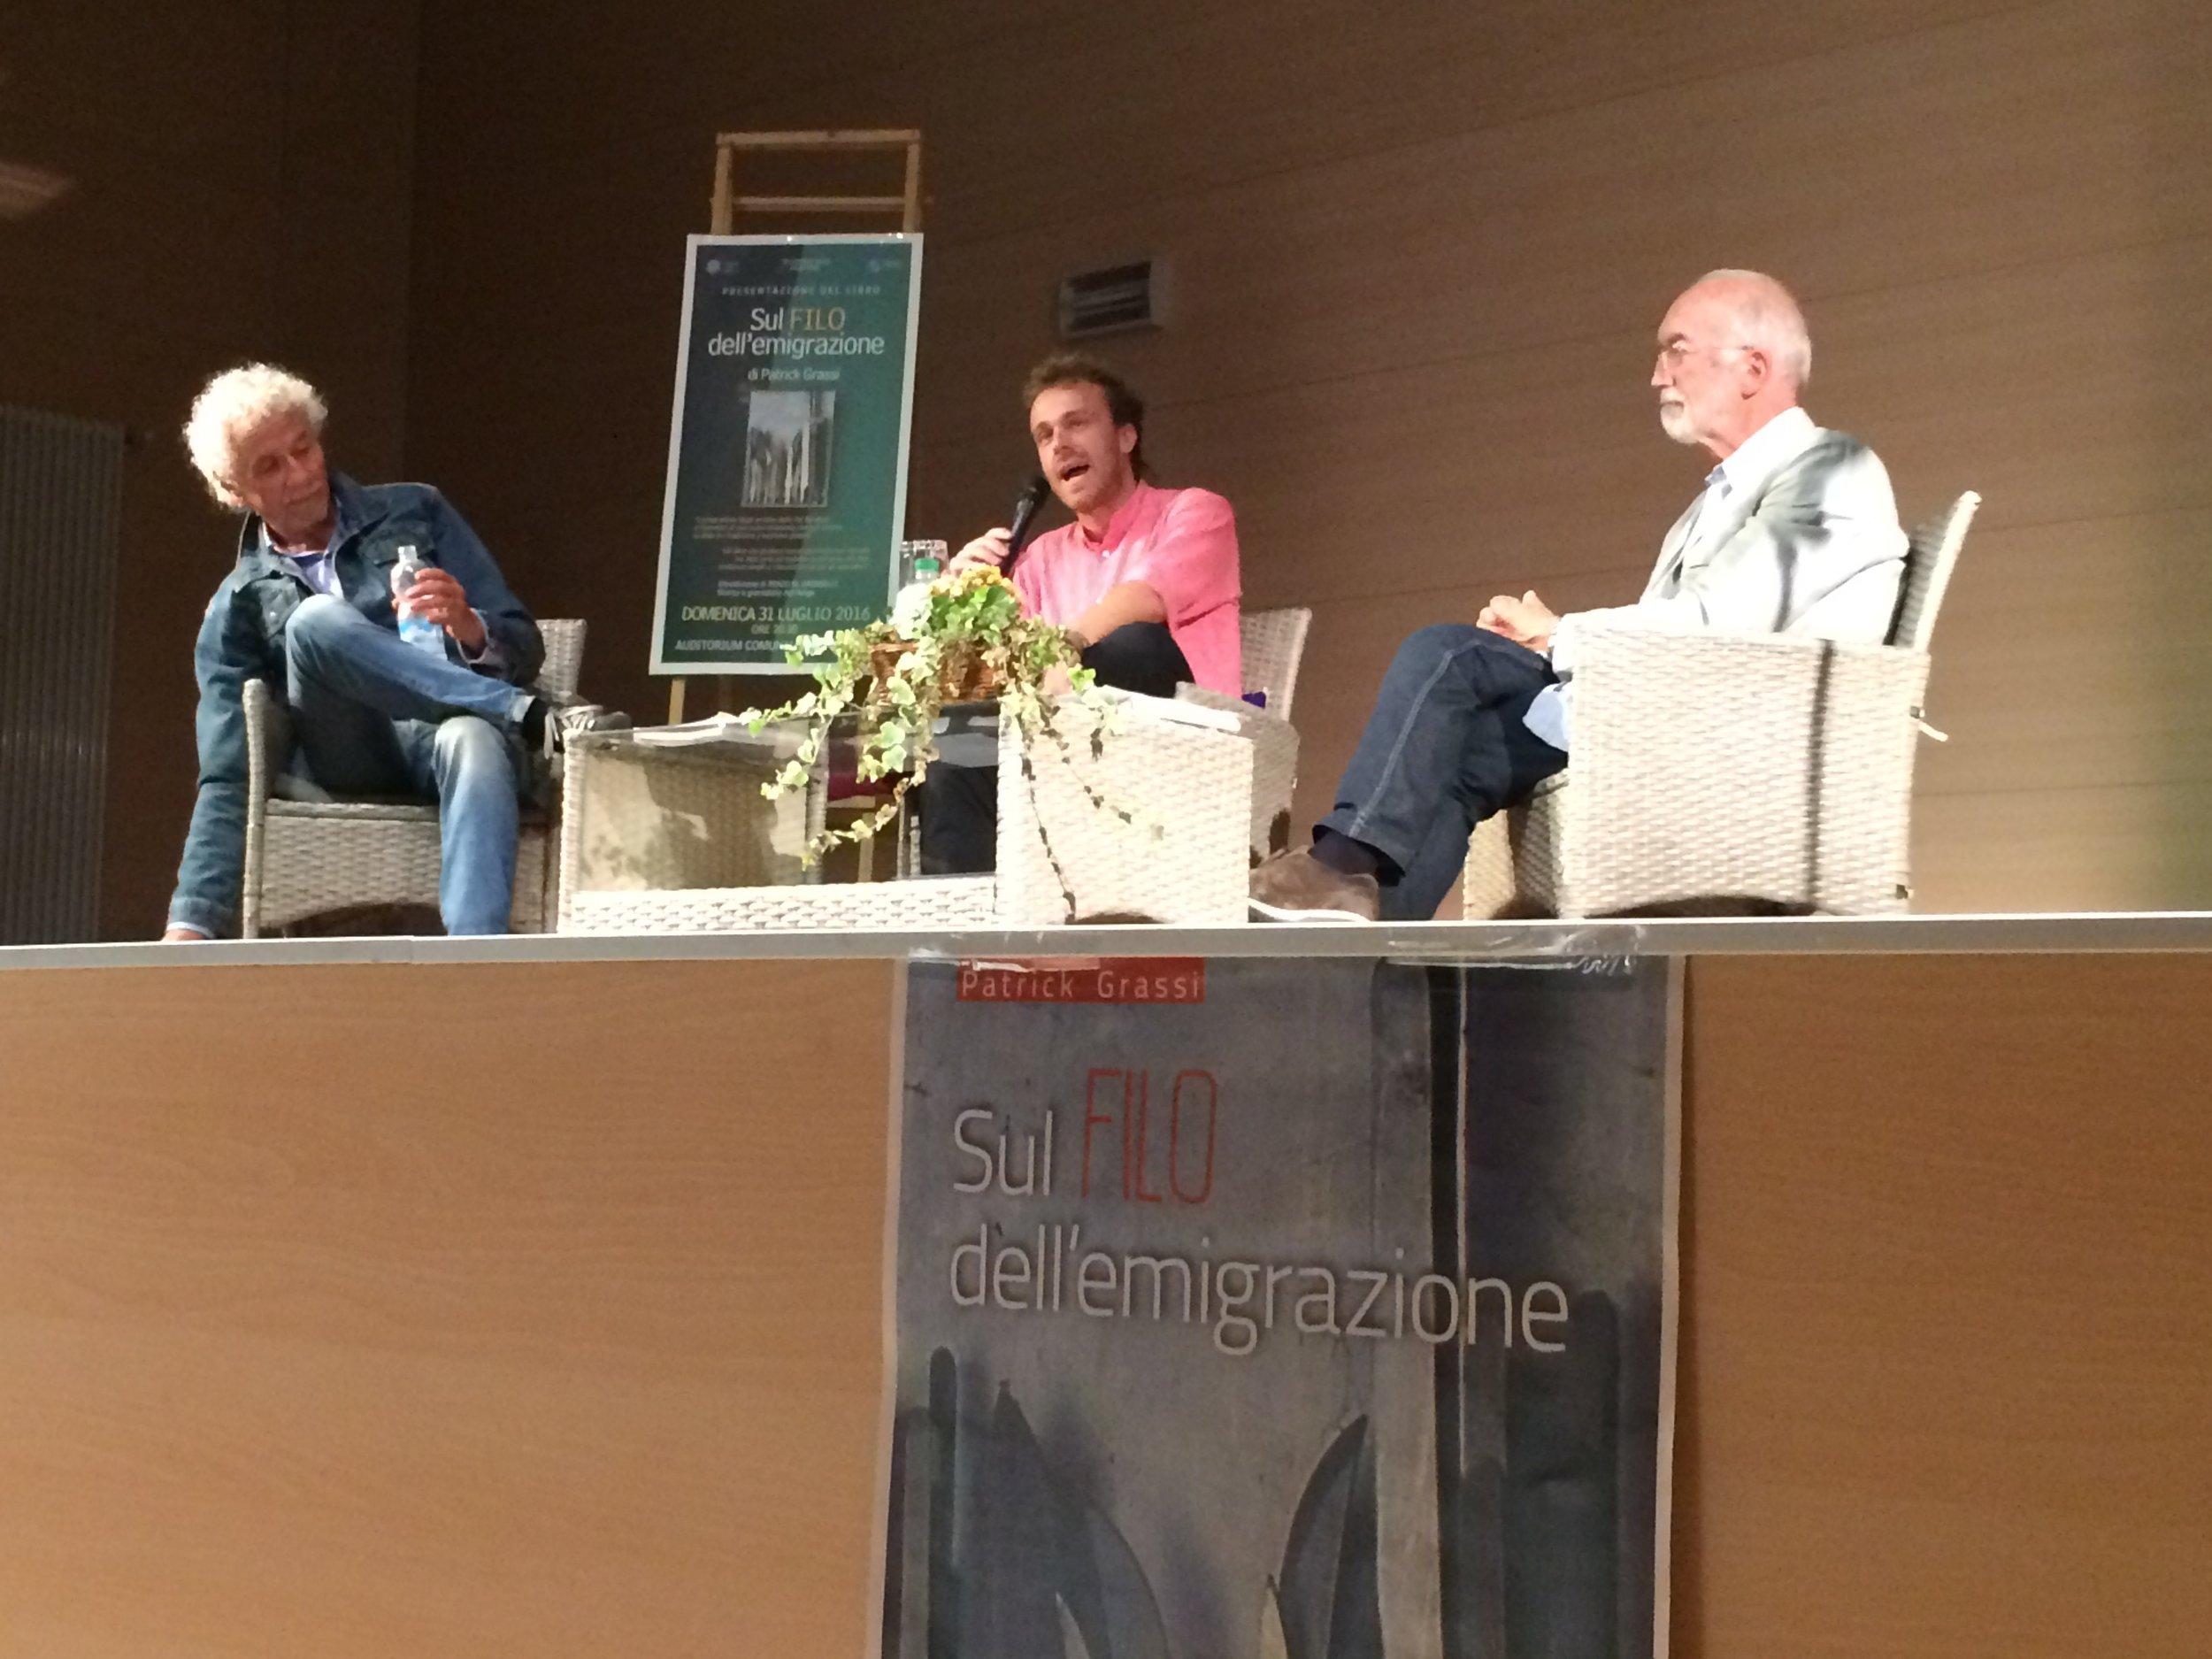 Renzo Grosselli, Patrick Grassi, Graziano Riccadonna